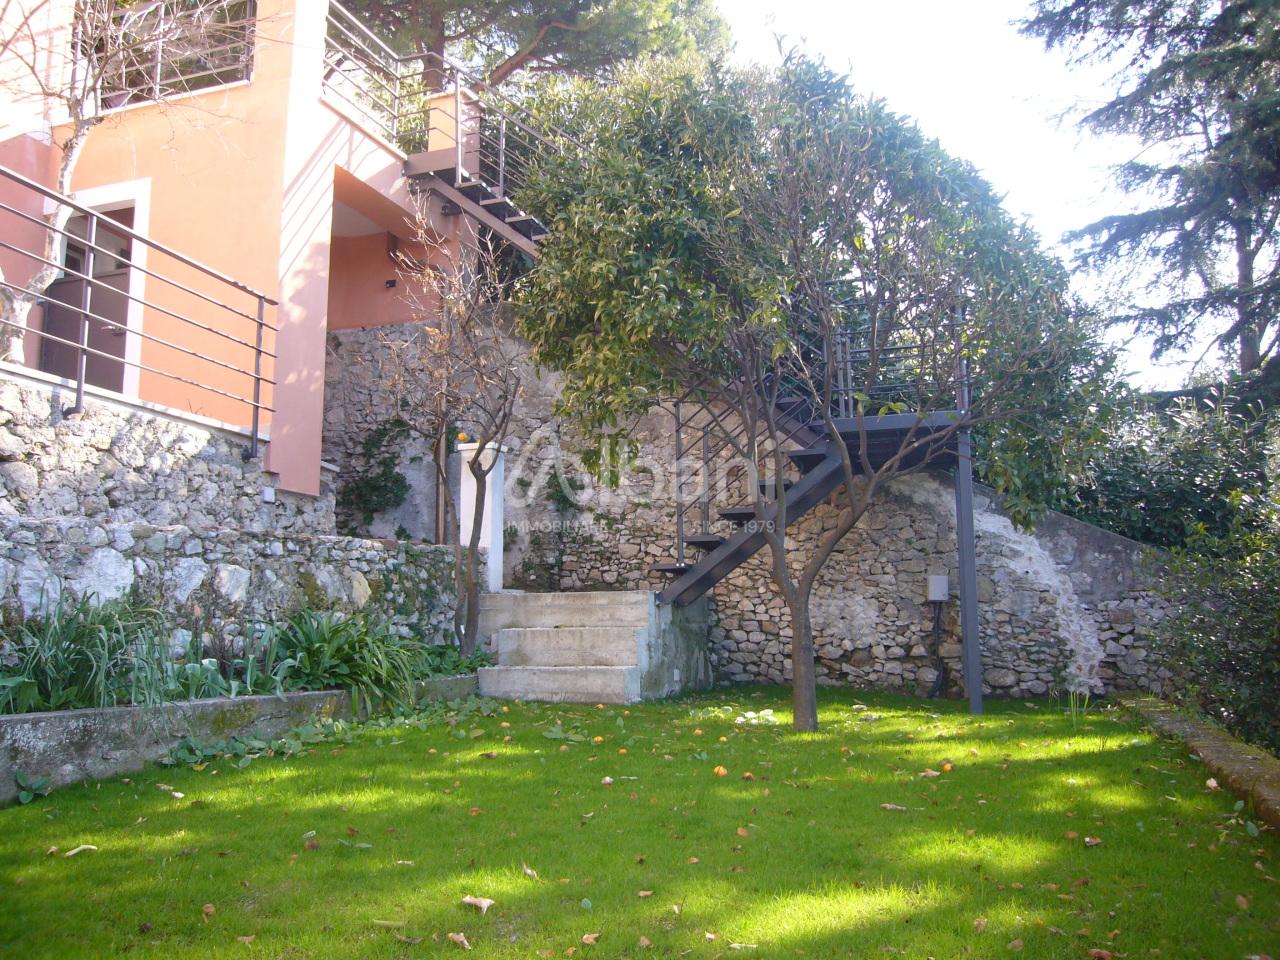 Soluzione Semindipendente in vendita a Lerici, 4 locali, prezzo € 345.000 | PortaleAgenzieImmobiliari.it